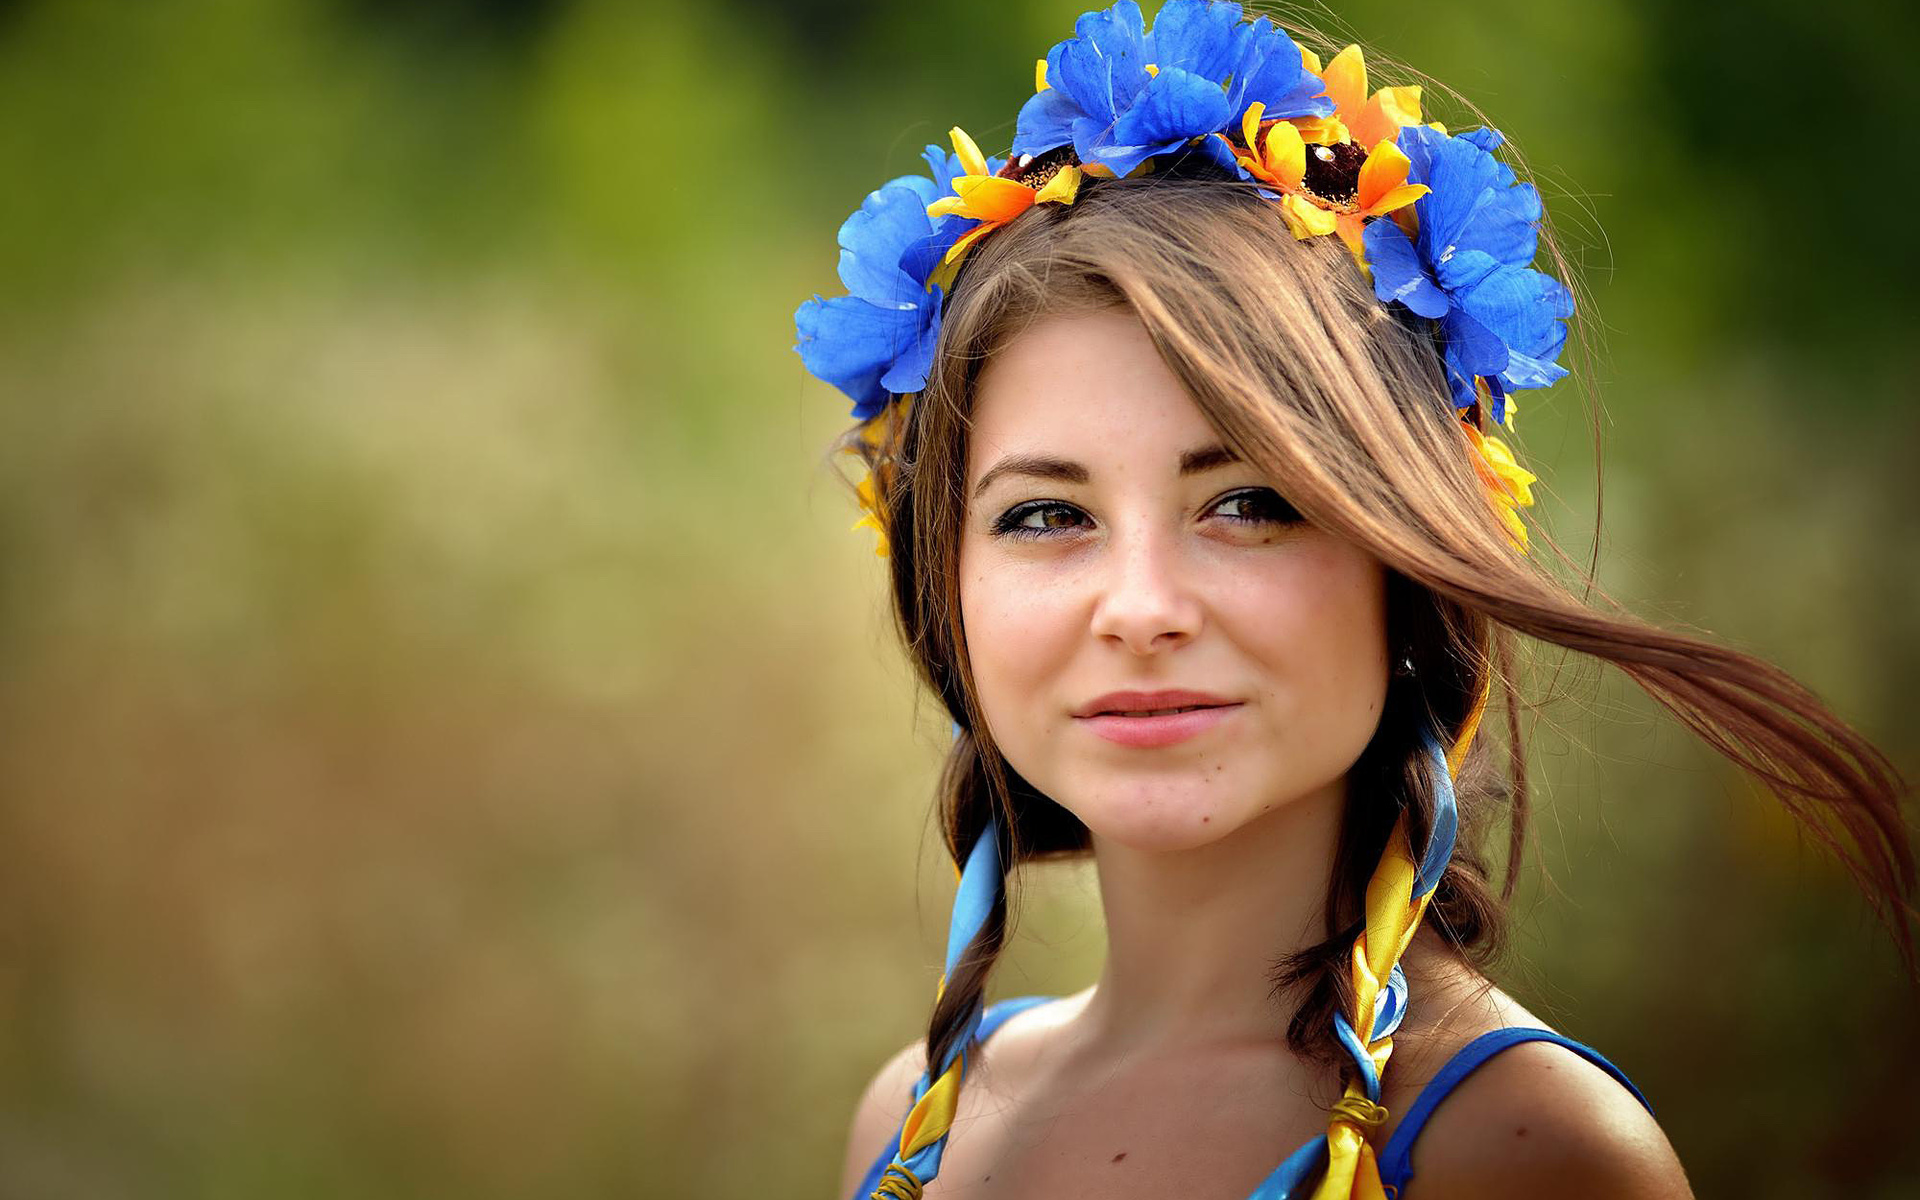 Фото видео русских и украинских девушек, красивое лесбийское порно онлайн